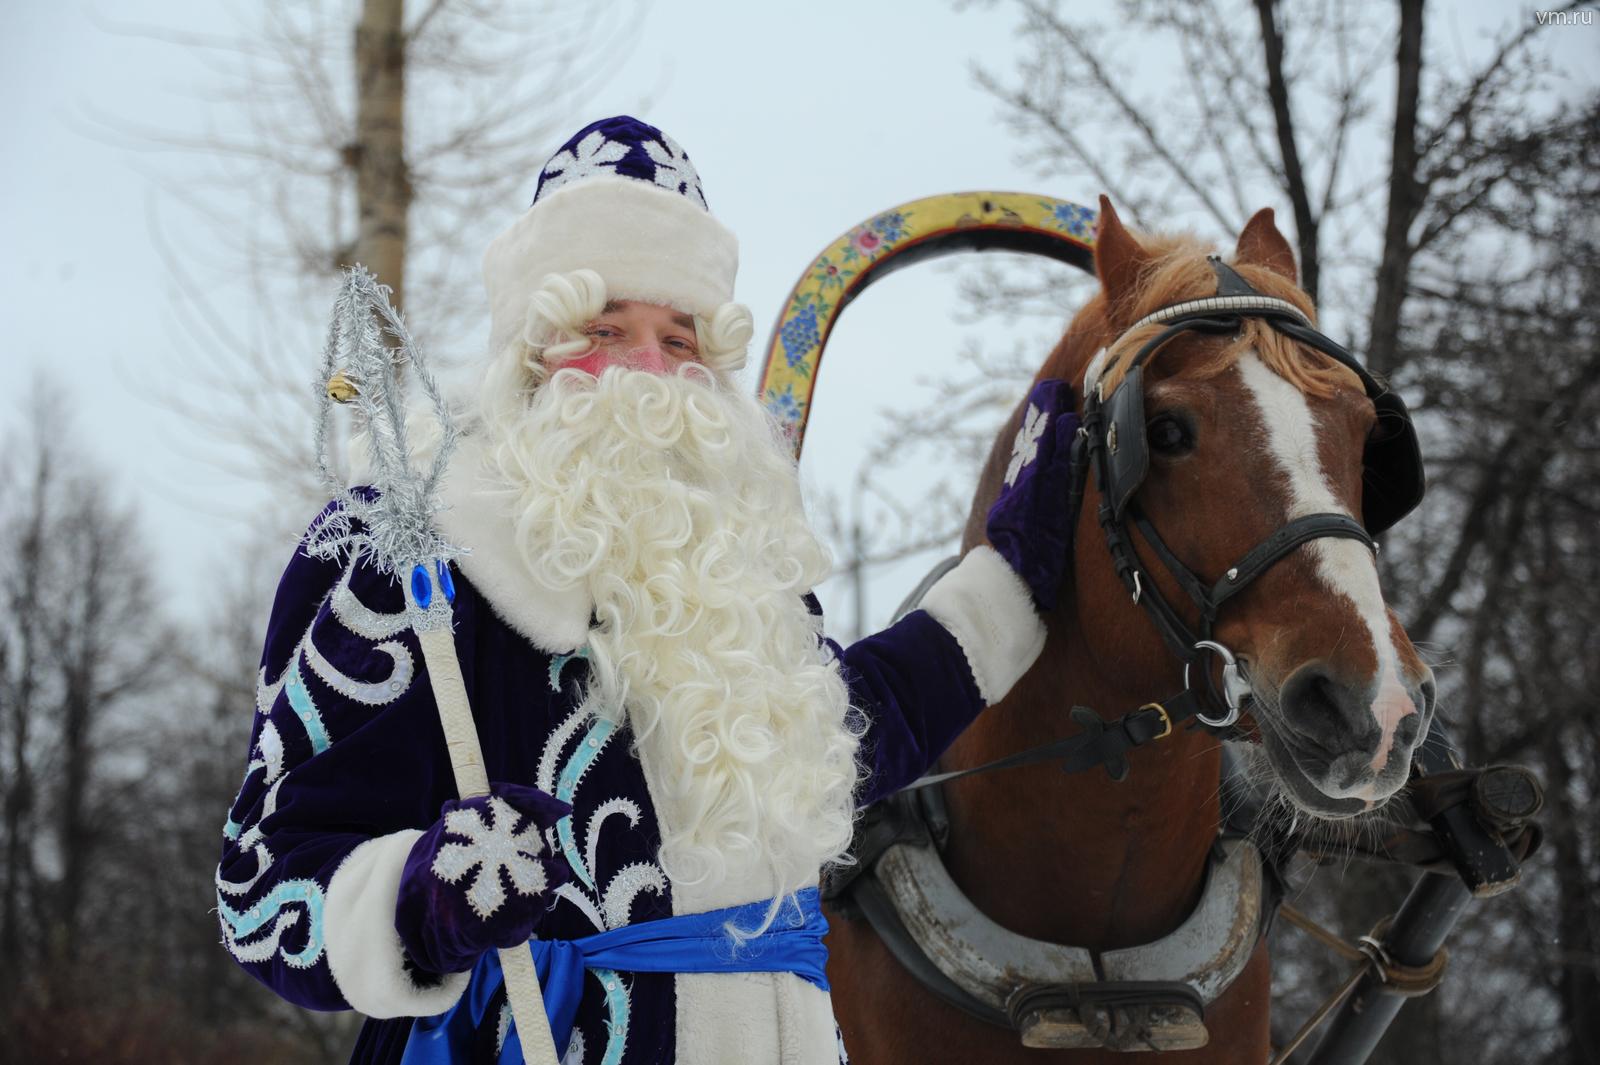 Дед Мороз посоветовал соблюдать меру в употреблении еды в Новый год